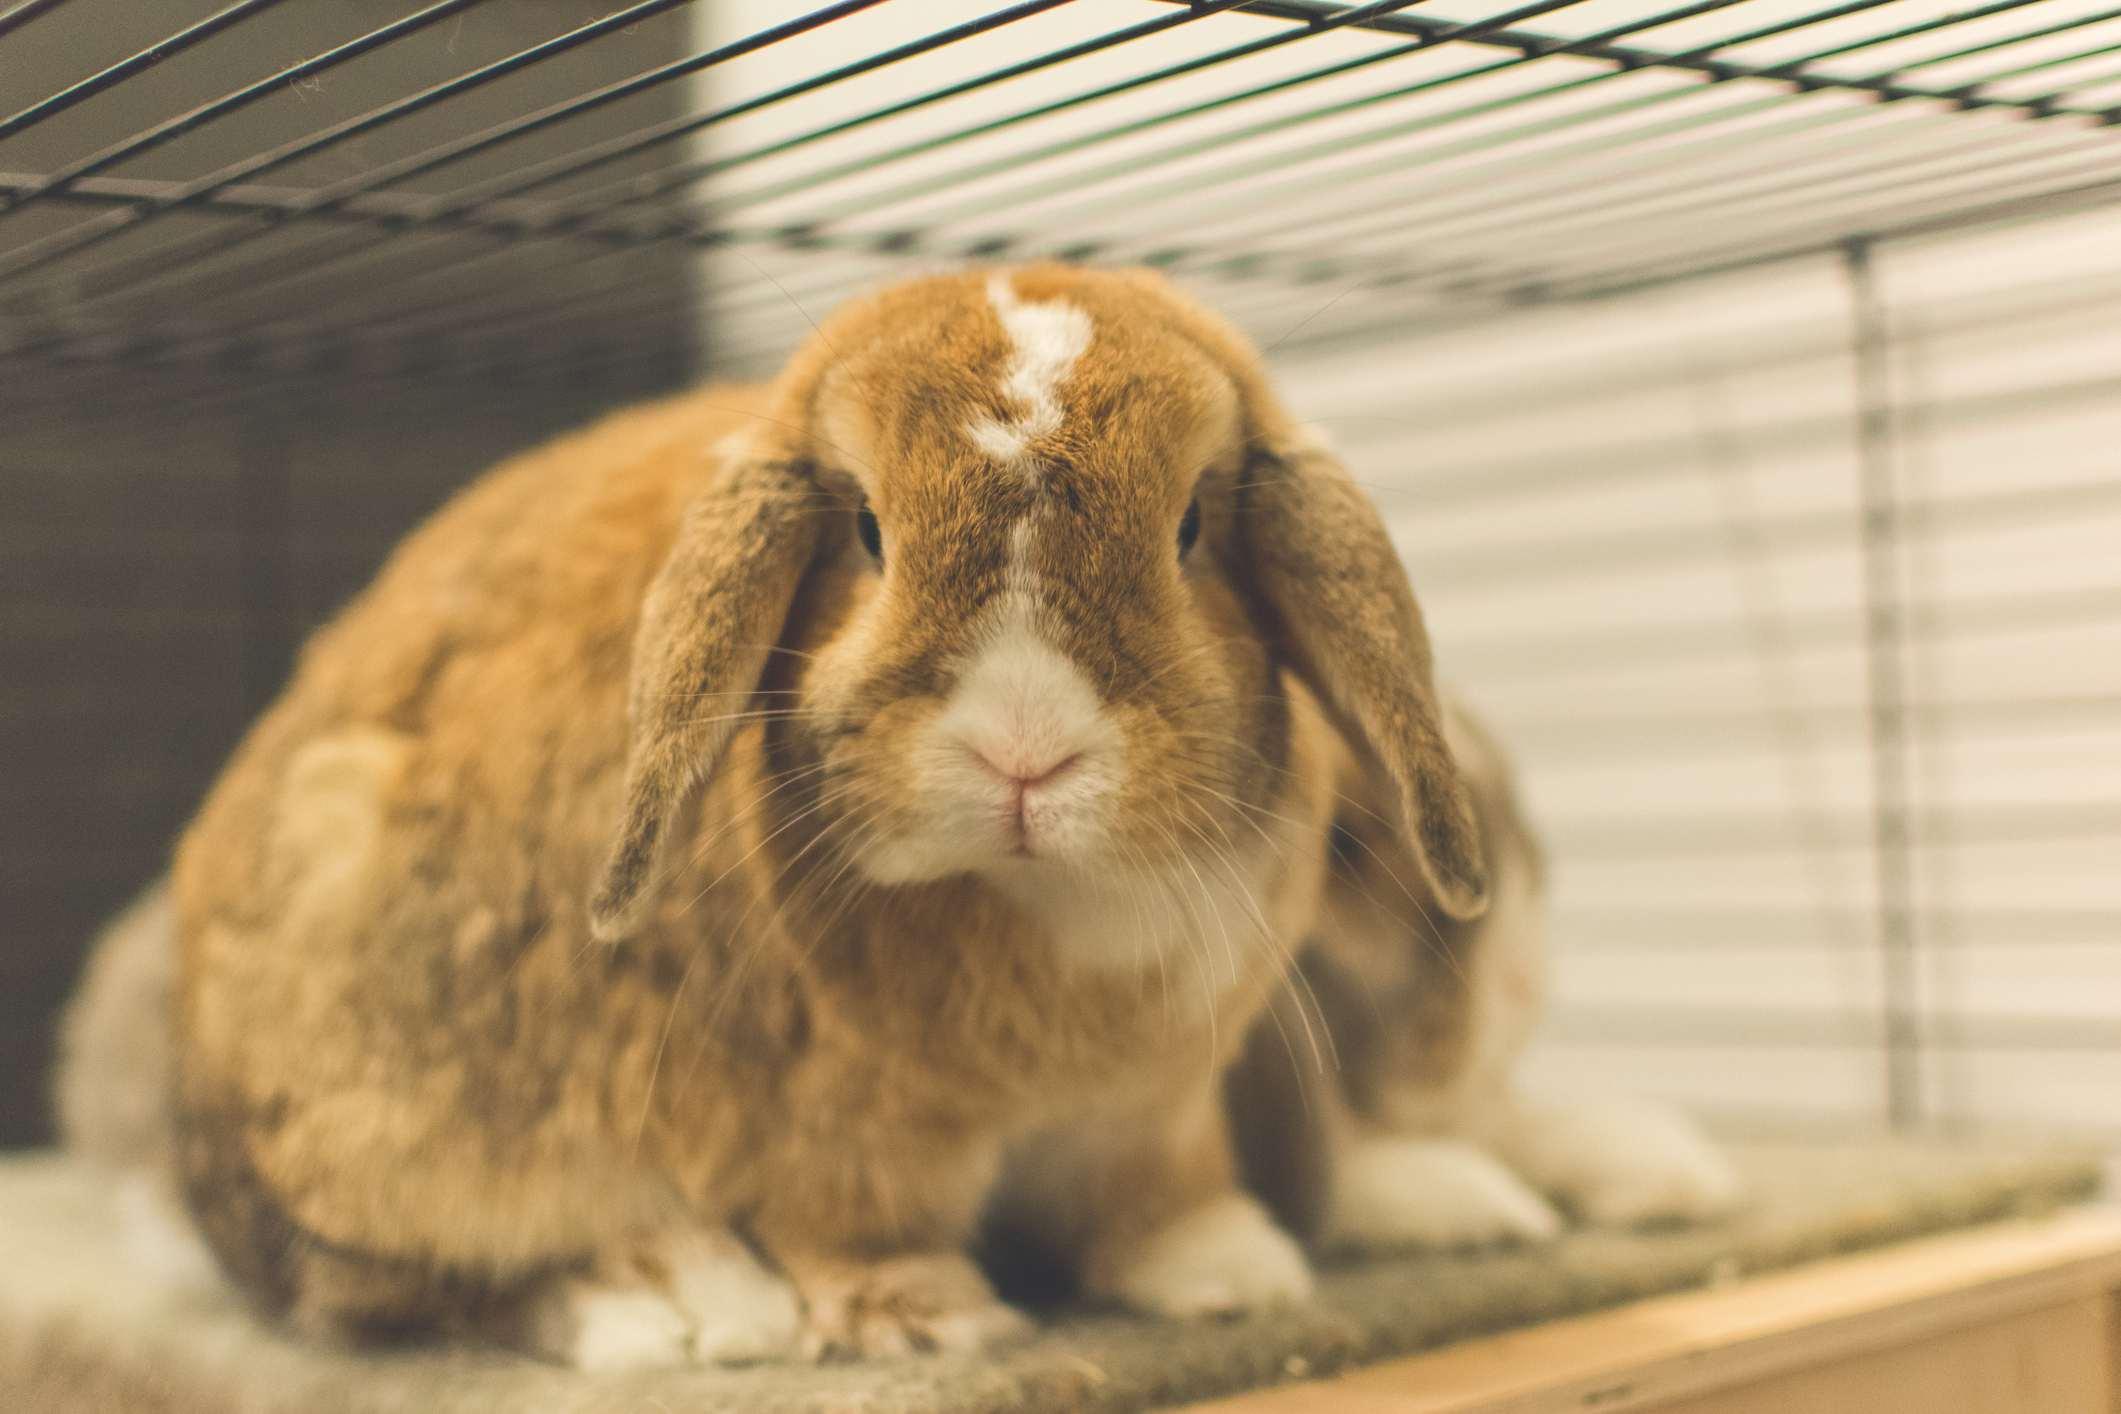 Orejas caídas conejo en jaula